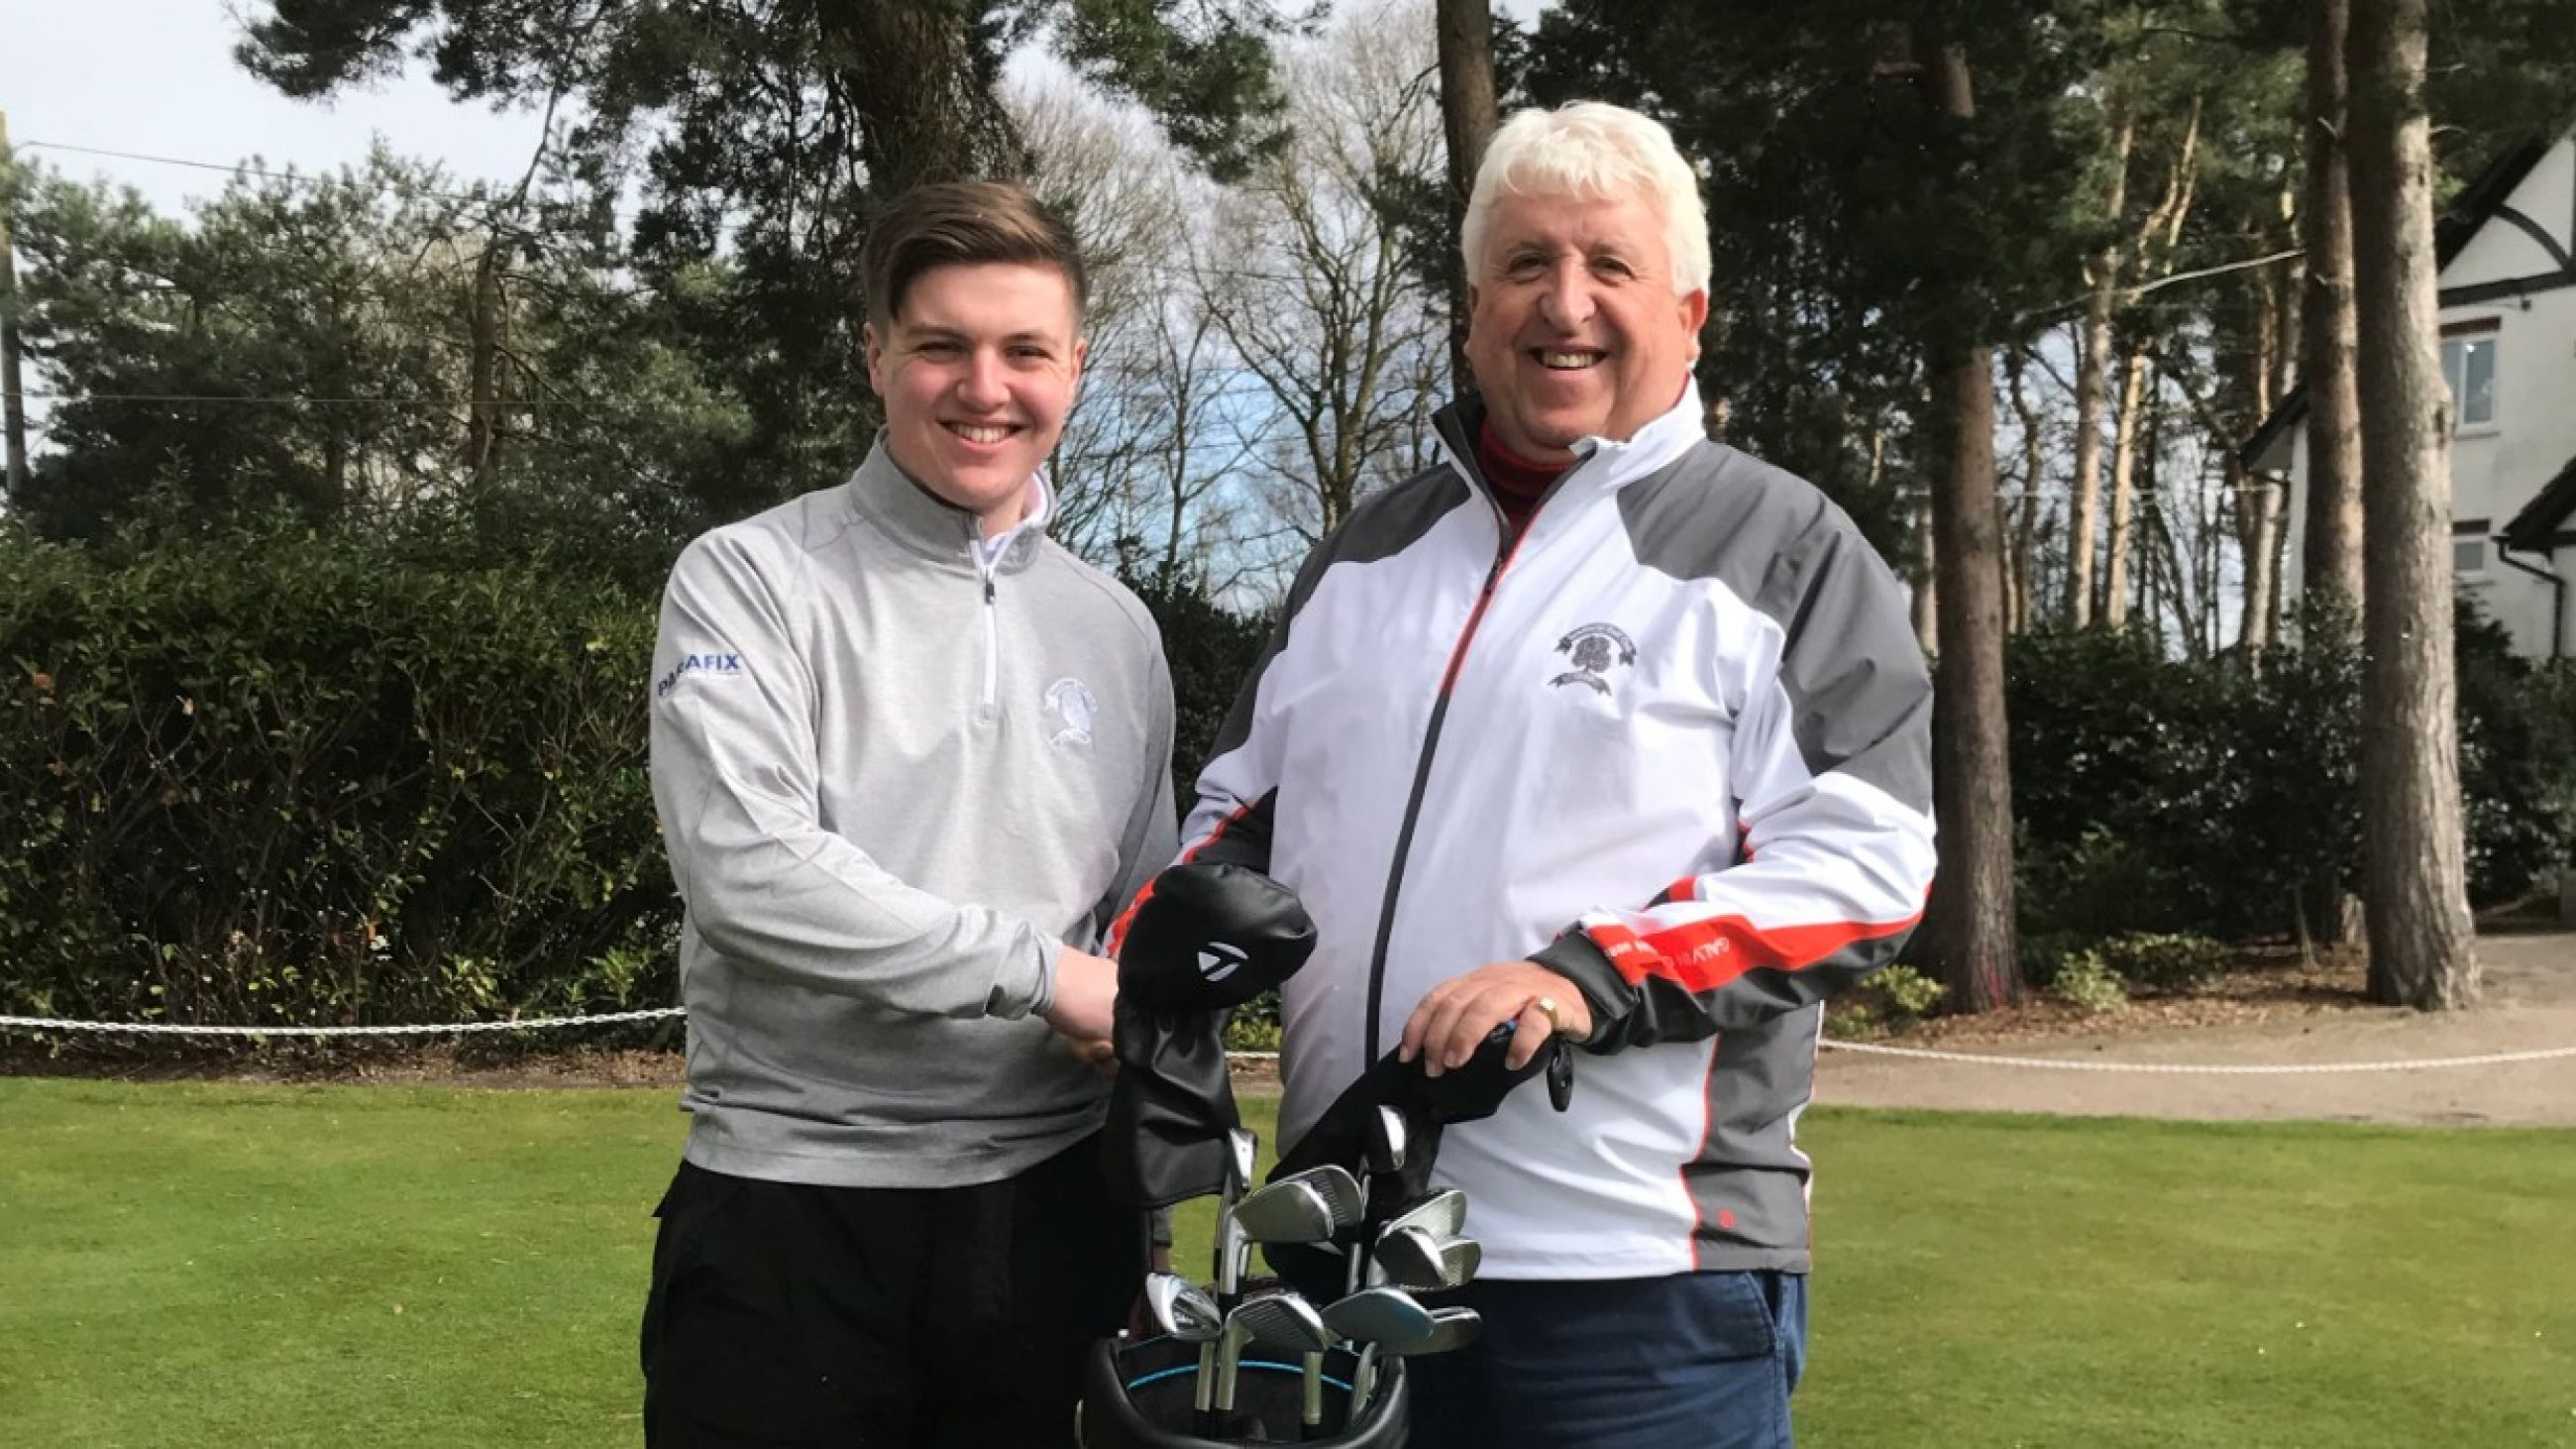 Parafix sponsors golfer Matt Dunbabin